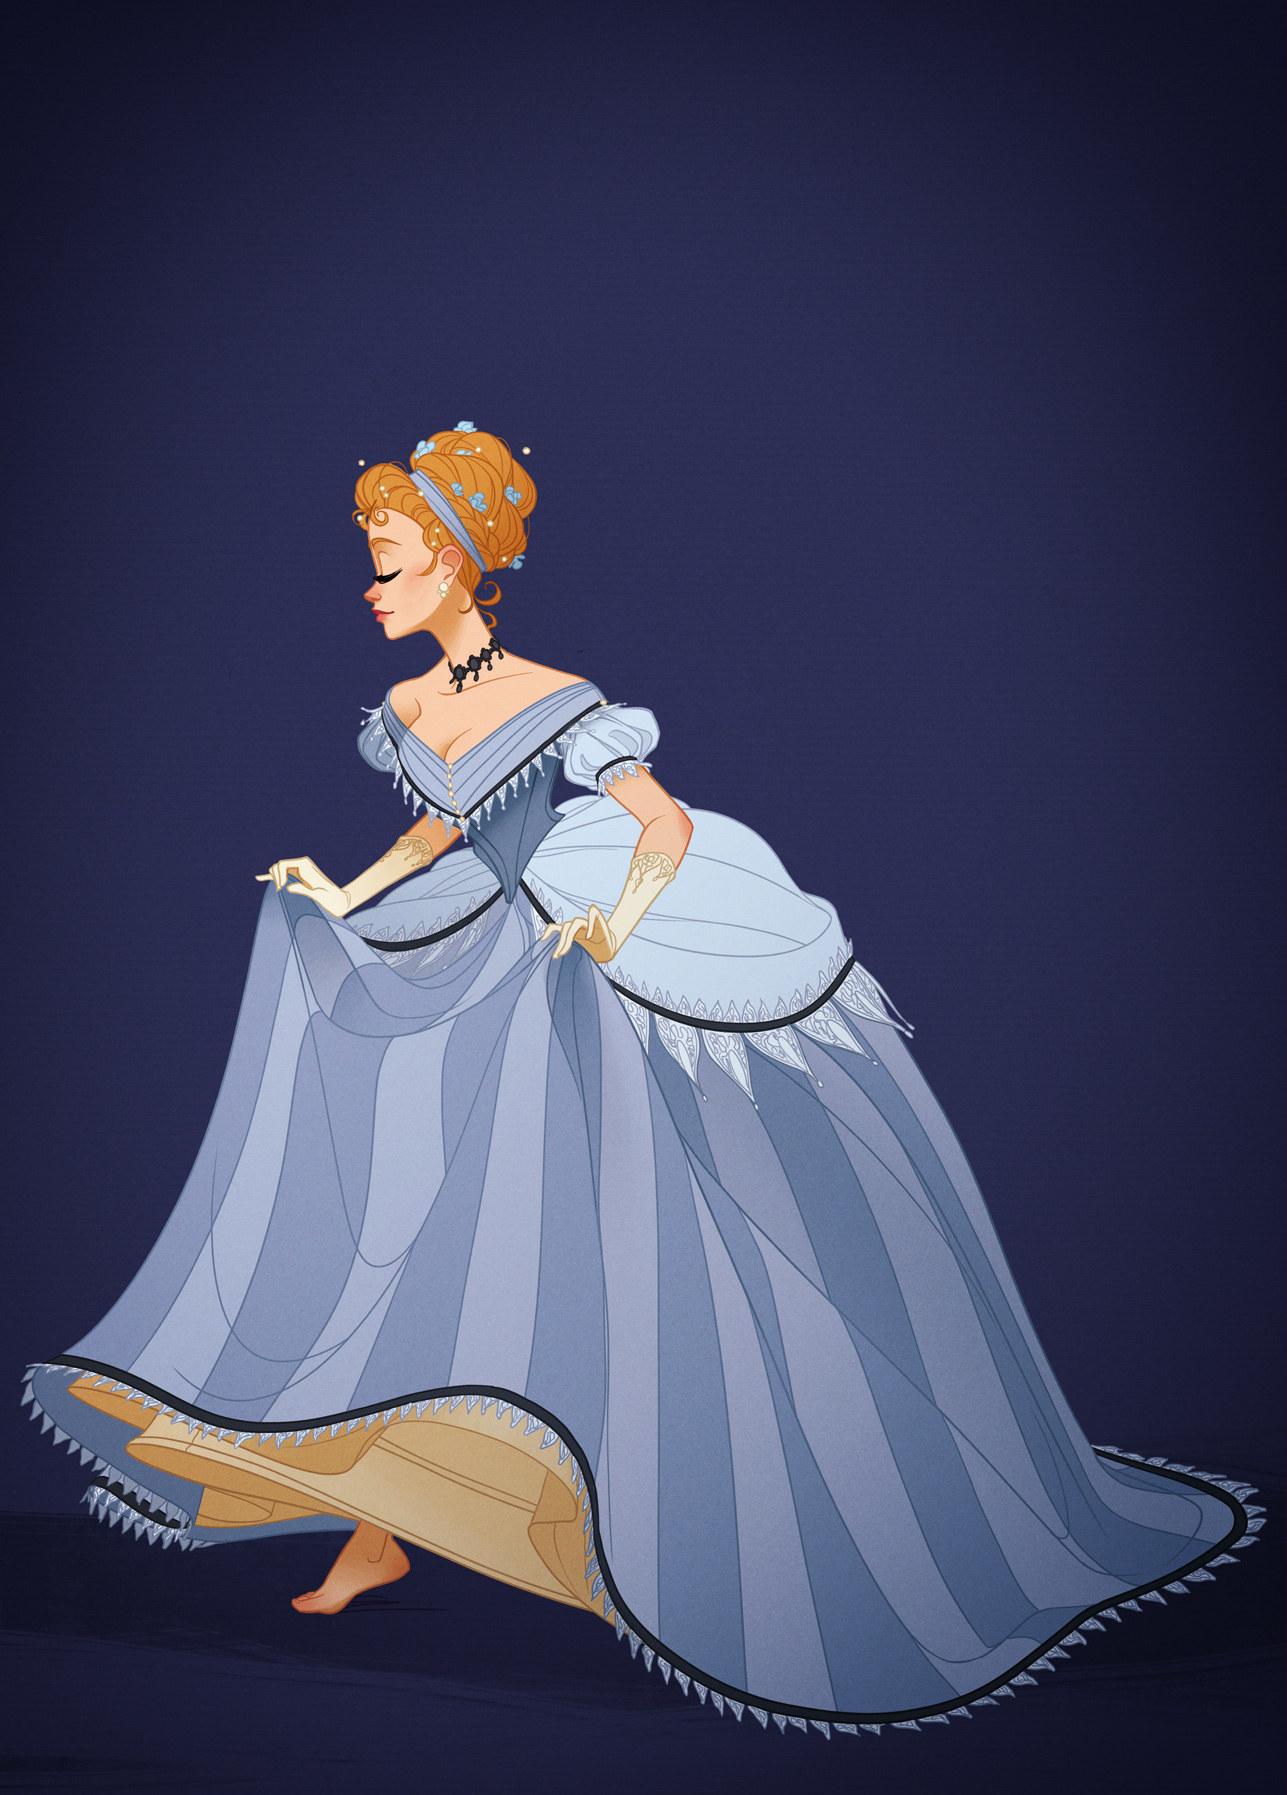 時代にあった服装をディズニープリンセスに着せたイラストがすごい